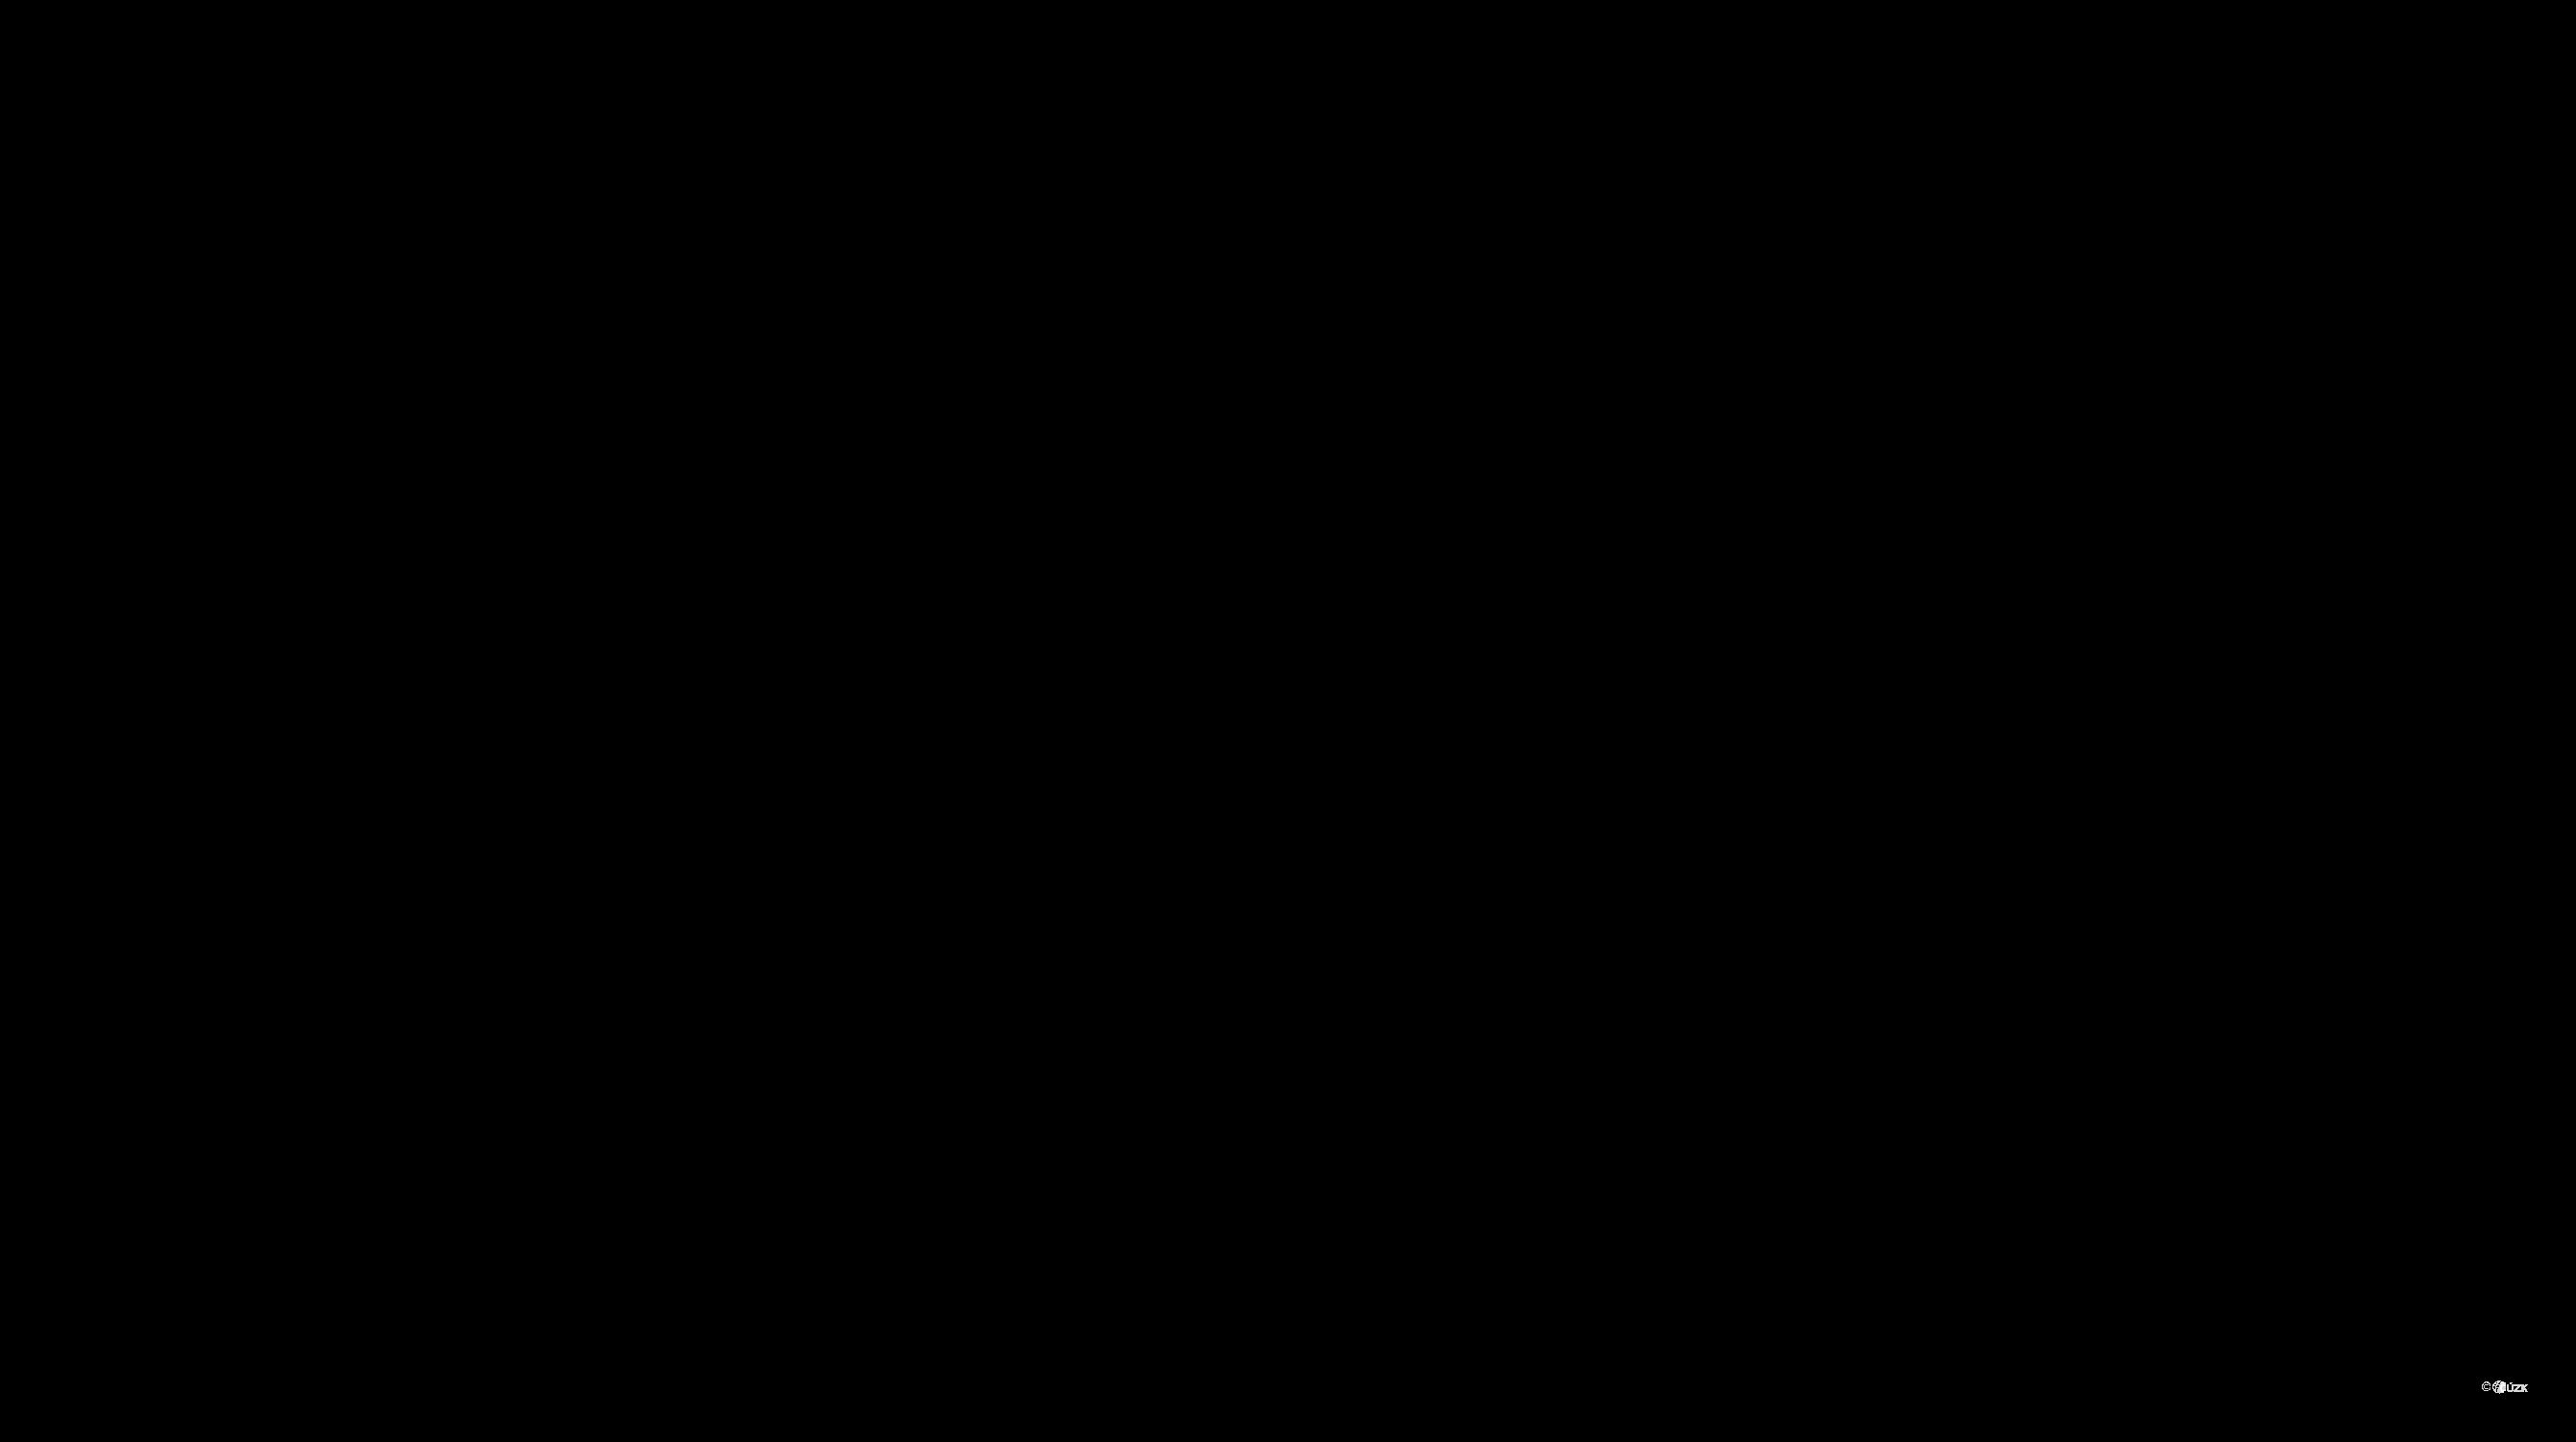 Katastrální mapa pozemků a čísla parcel Doubrava u Aše